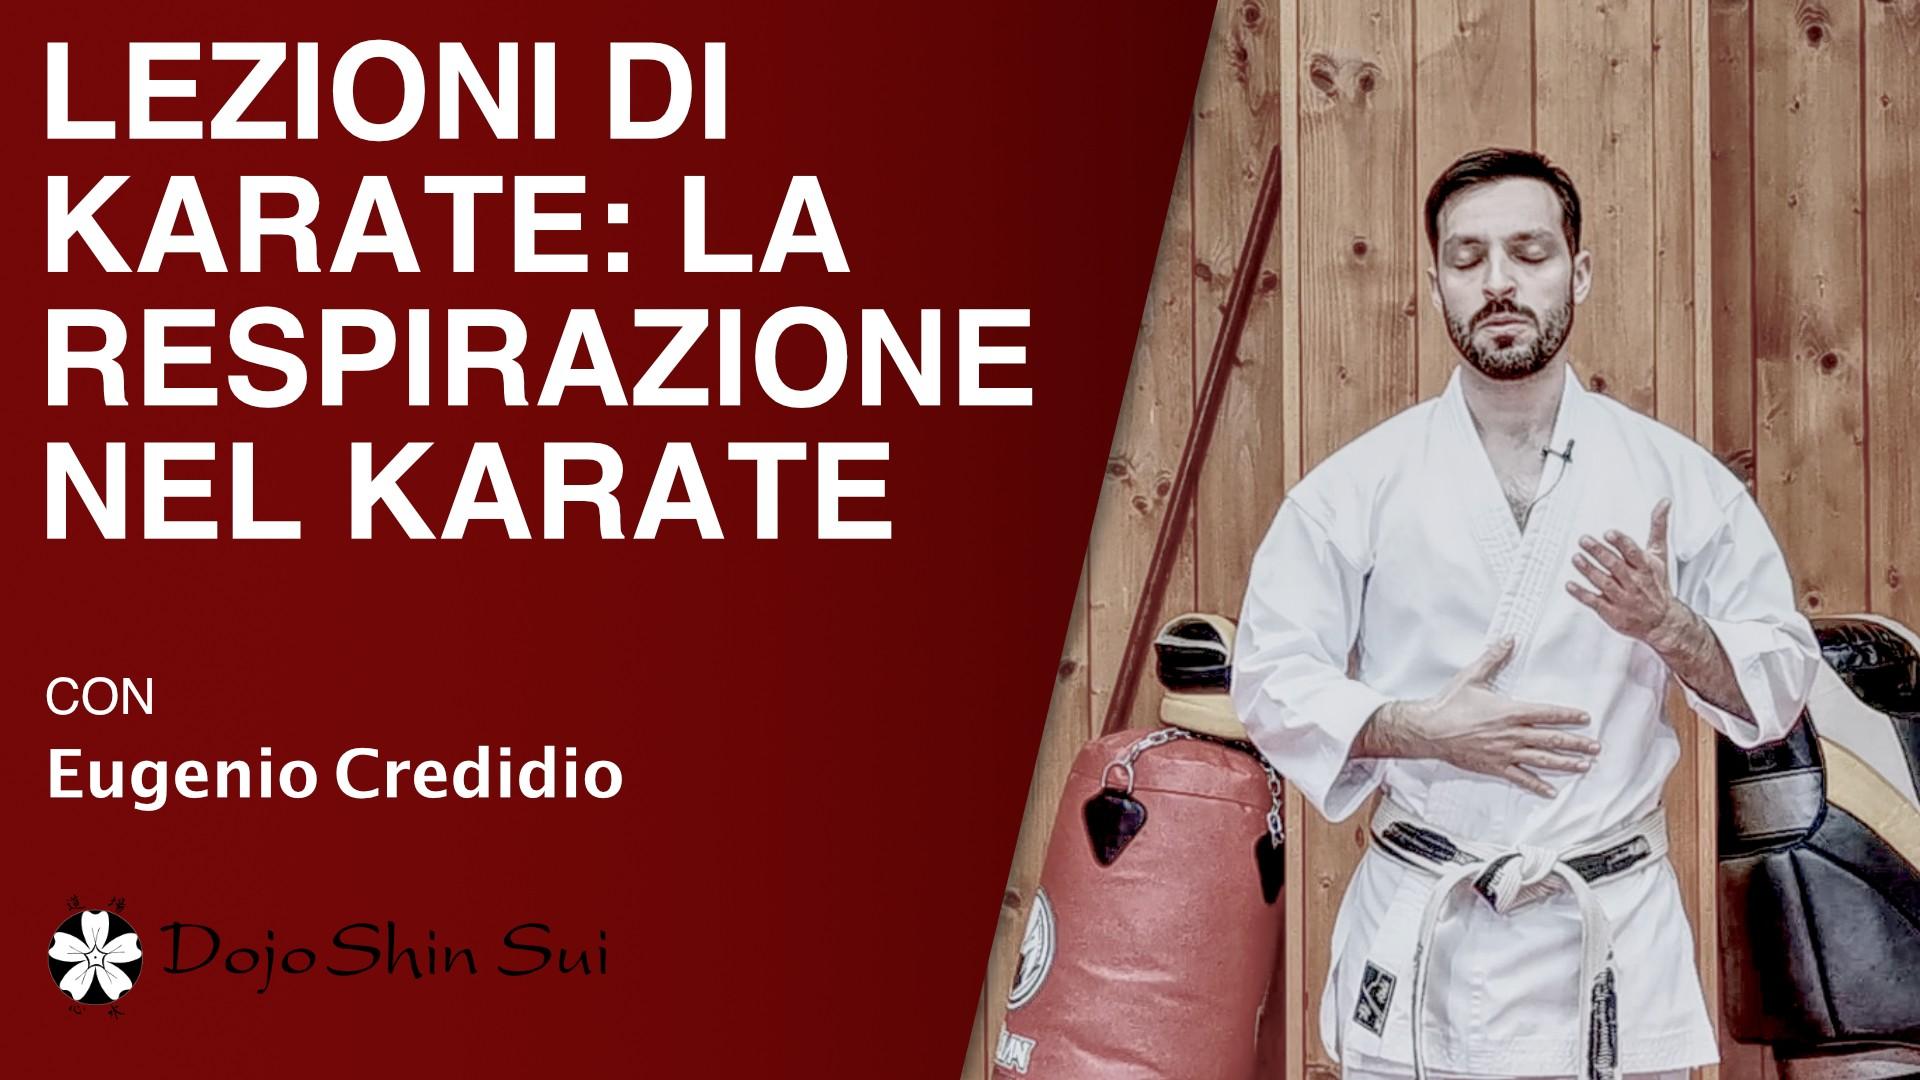 Lezioni di karate: la respirazione nel karate